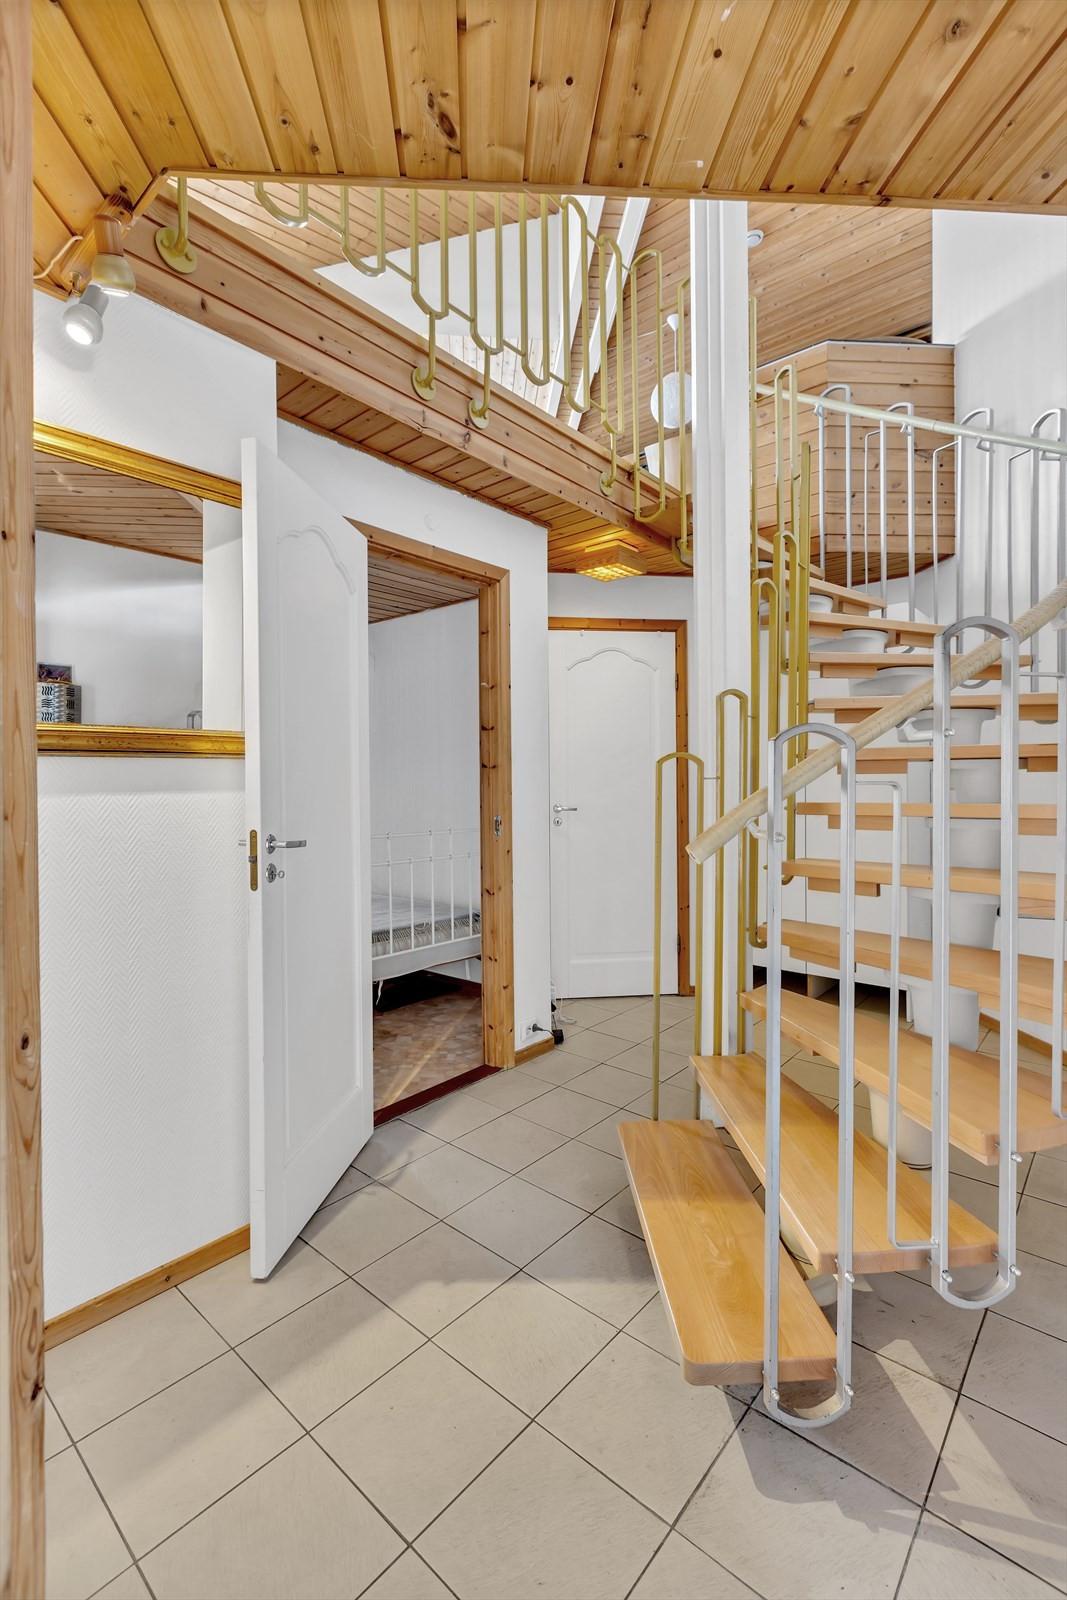 Gang og trapp mellom etasjene.